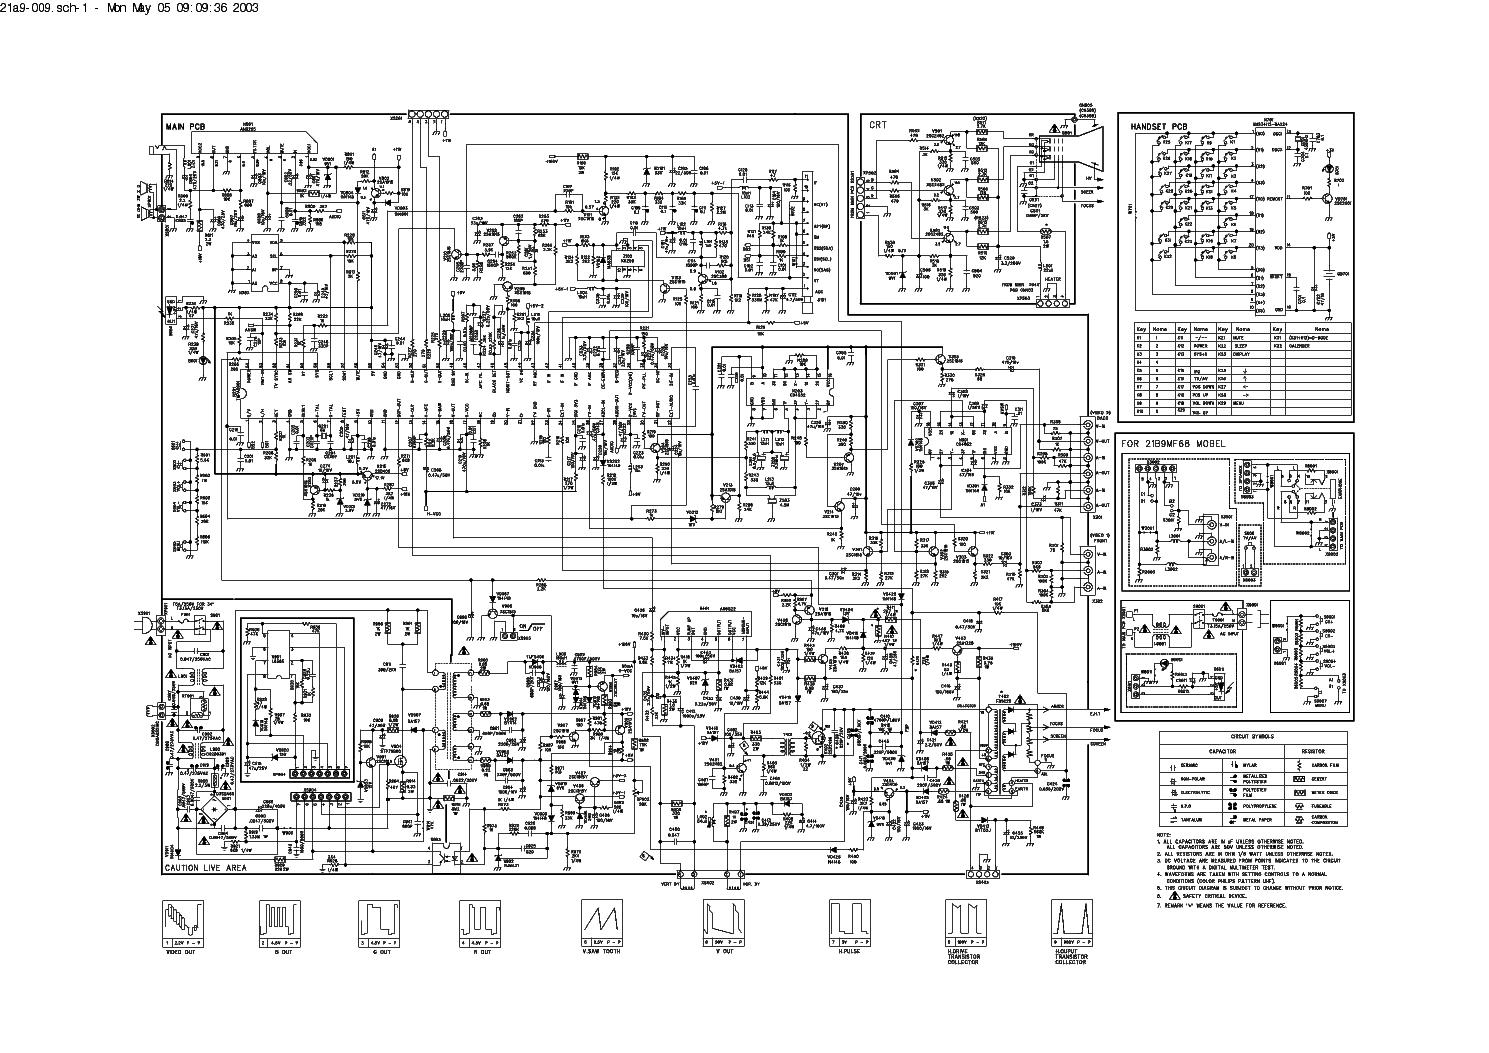 Схема телевизора эриссон 1401 фото 68